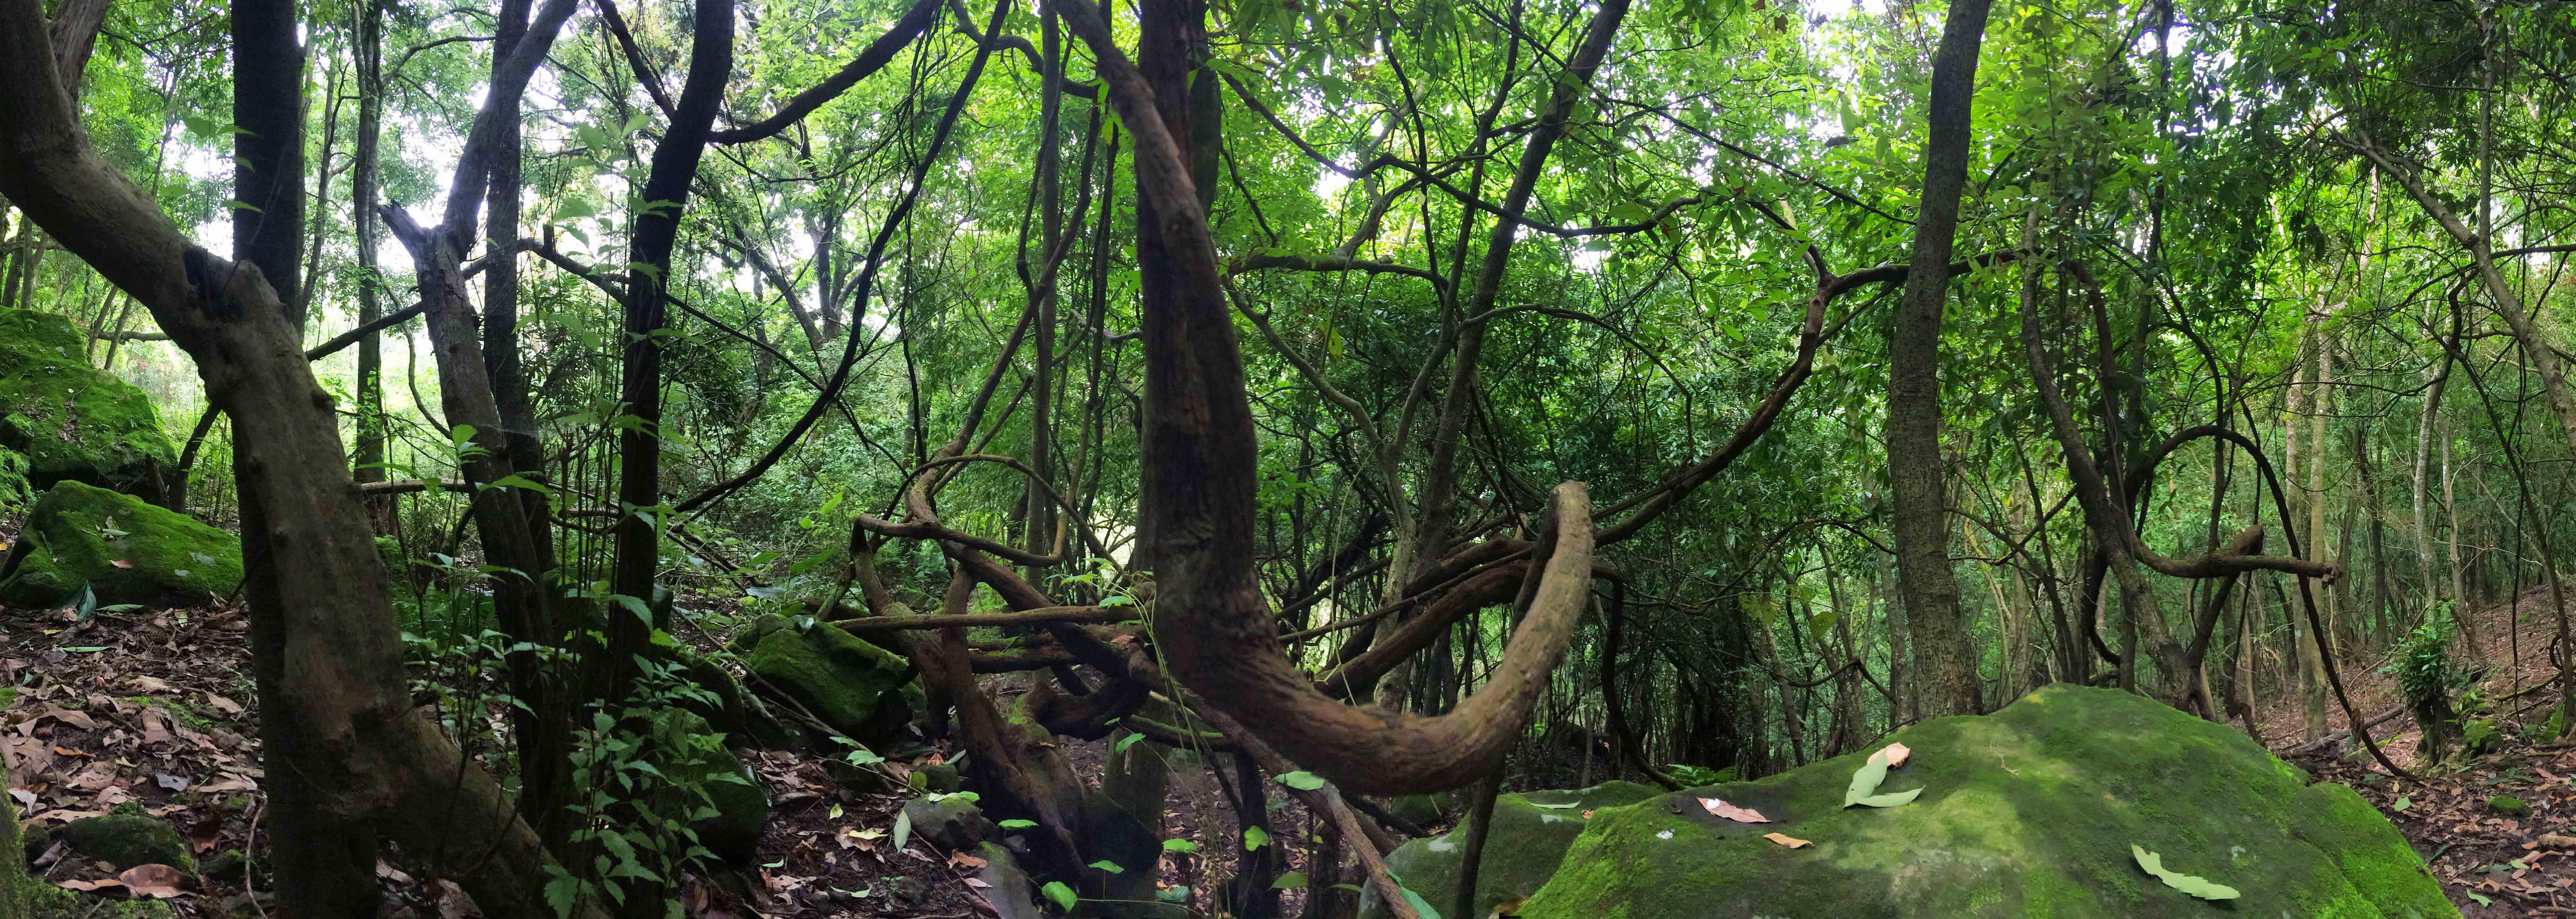 Kikli Forest